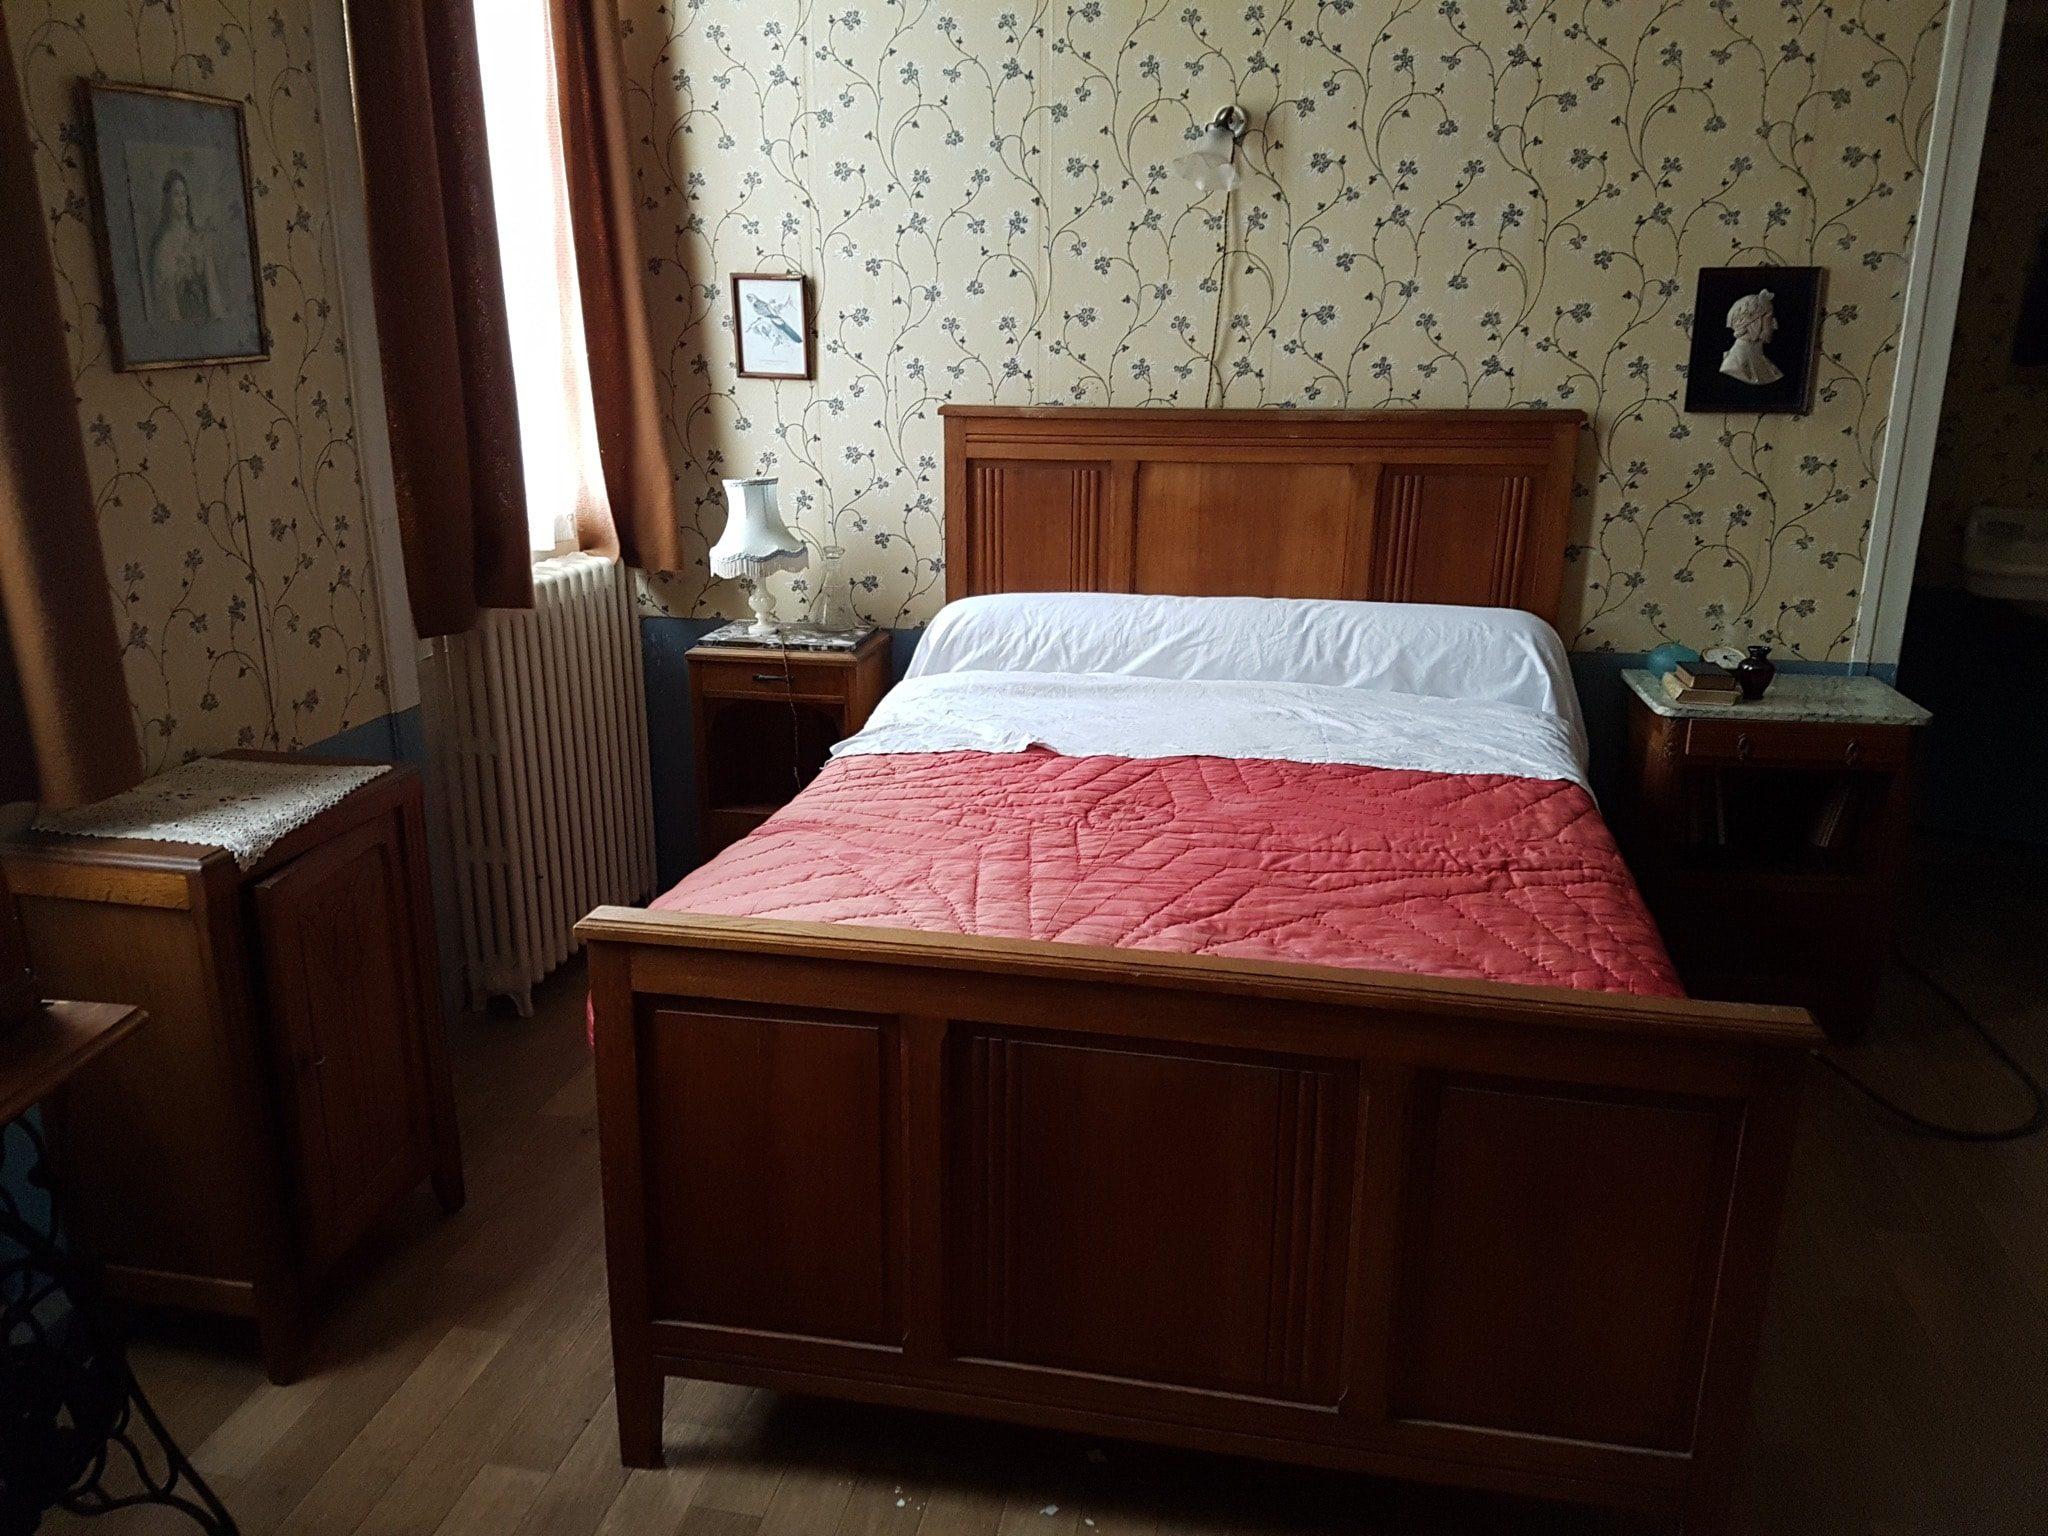 un-village-français-image-appartement-beriot-6